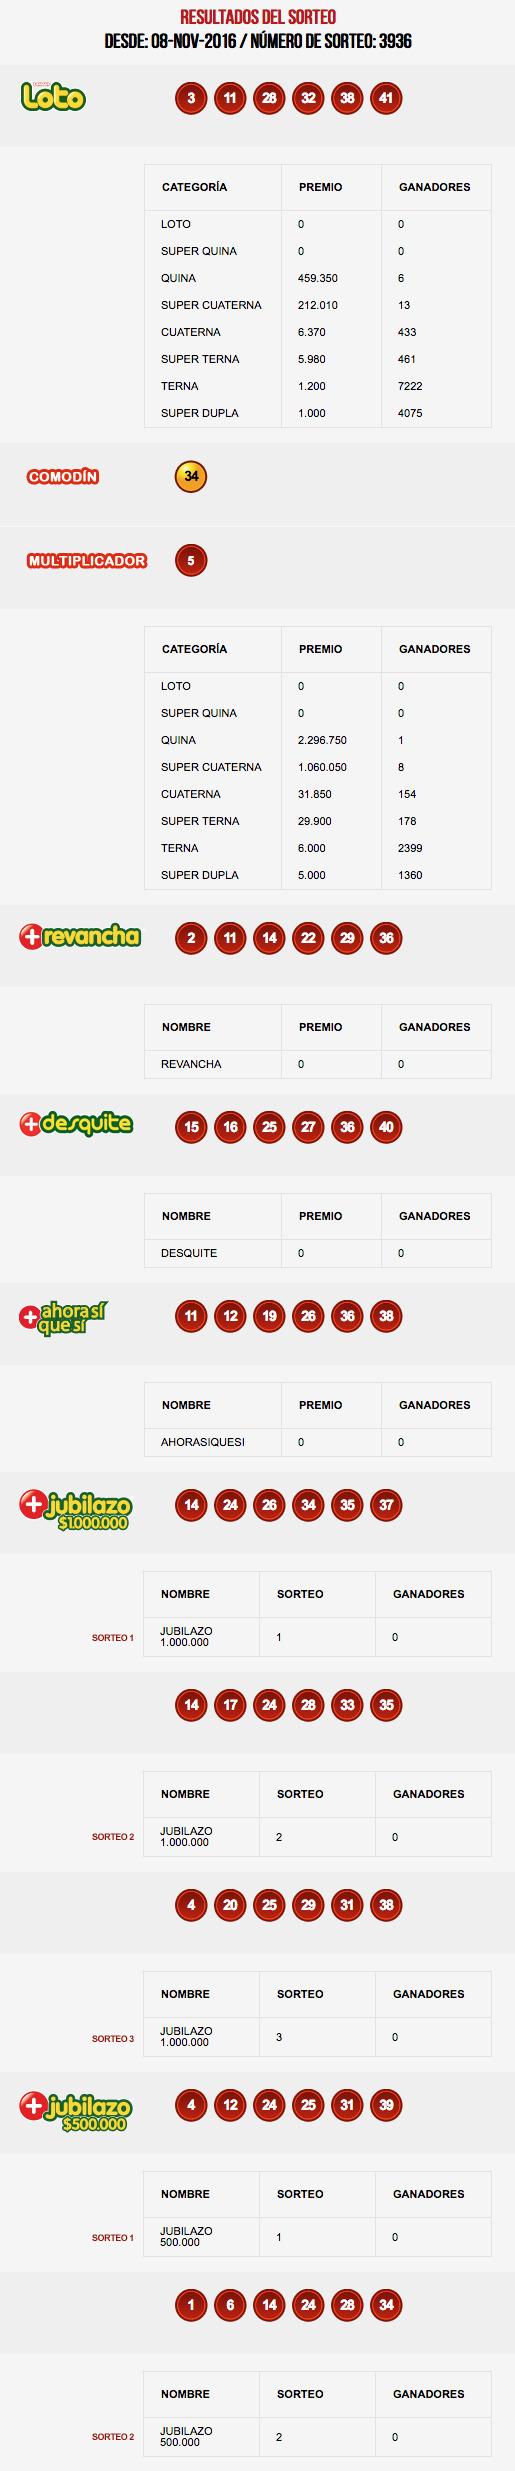 resultados-loto-chile-sorteo-3936